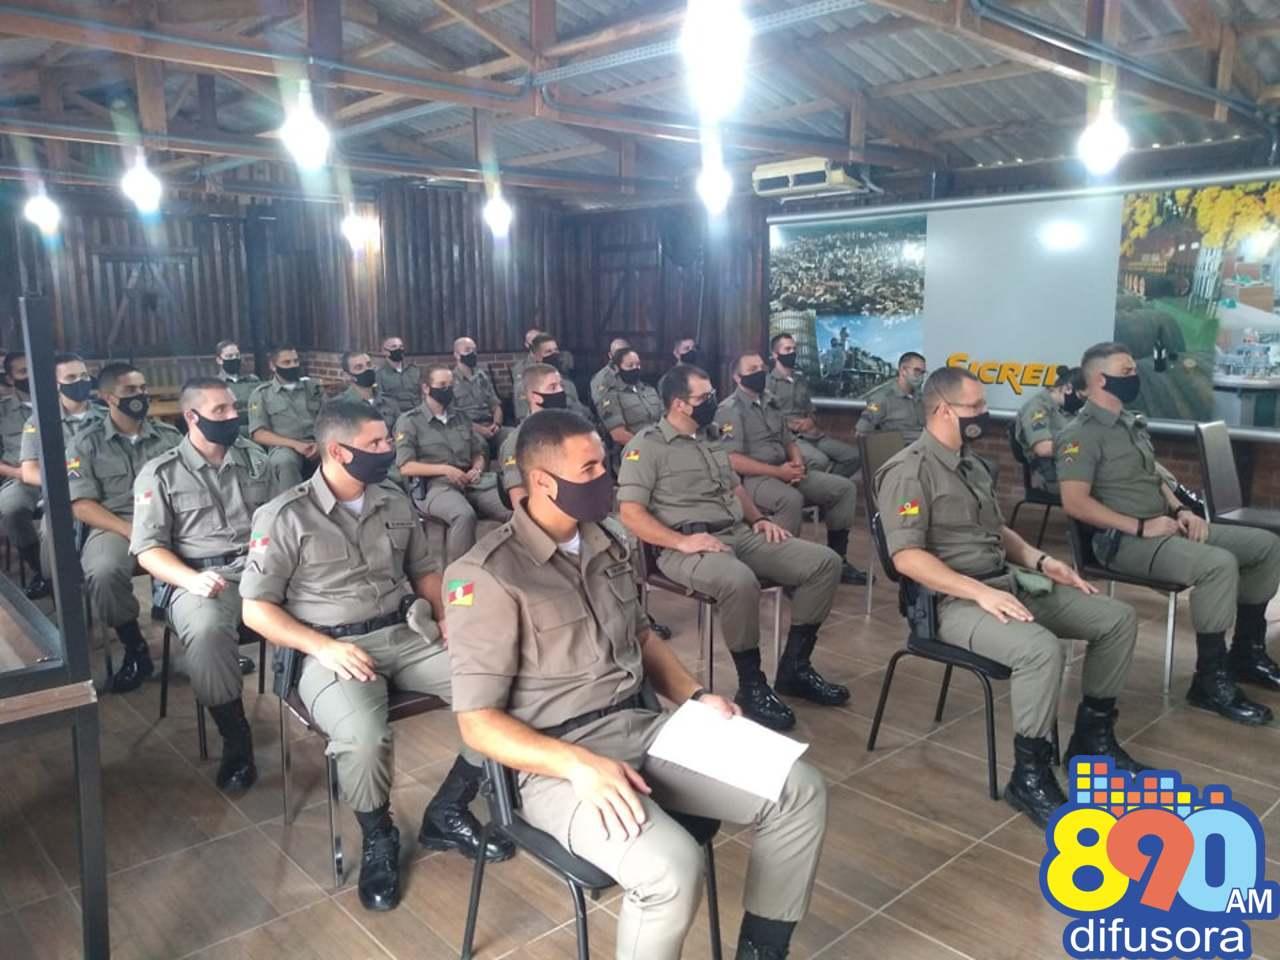 Brigada Militar de Bento Gonçalves recebe reforço de novos soldados